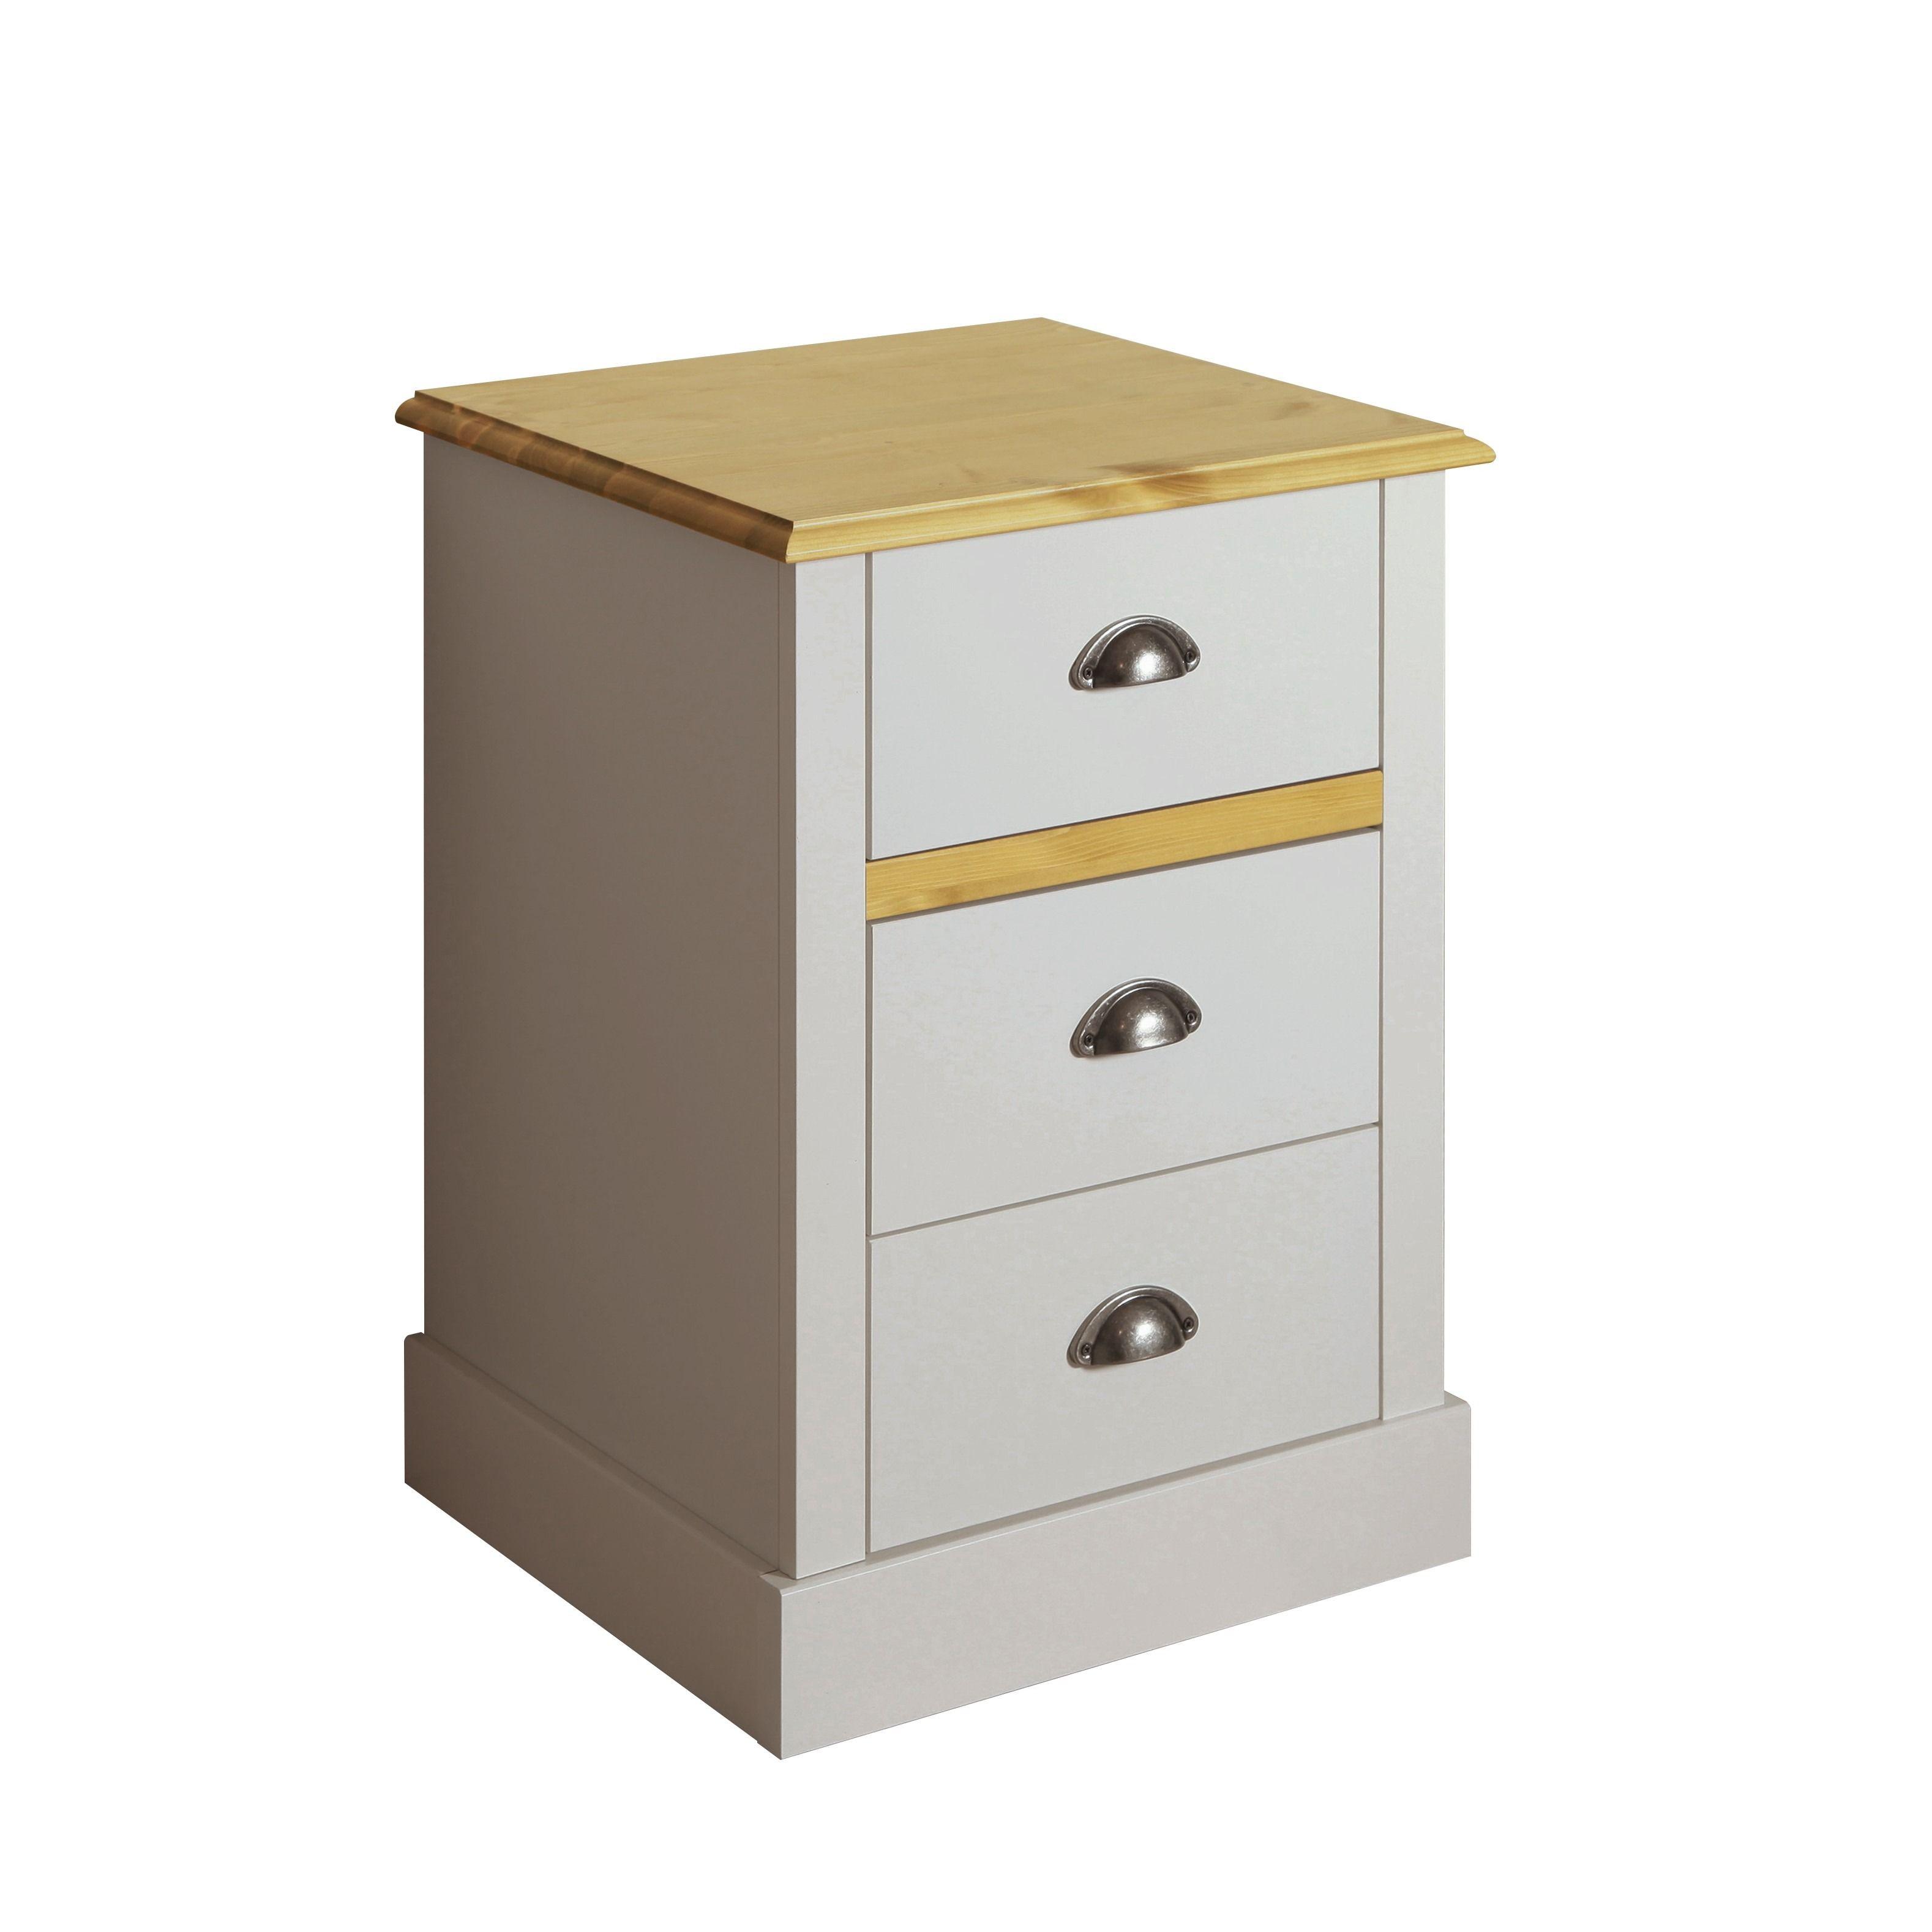 Best Steens Sandringham White Pine 3 Drawer Bedside Wooden 640 x 480